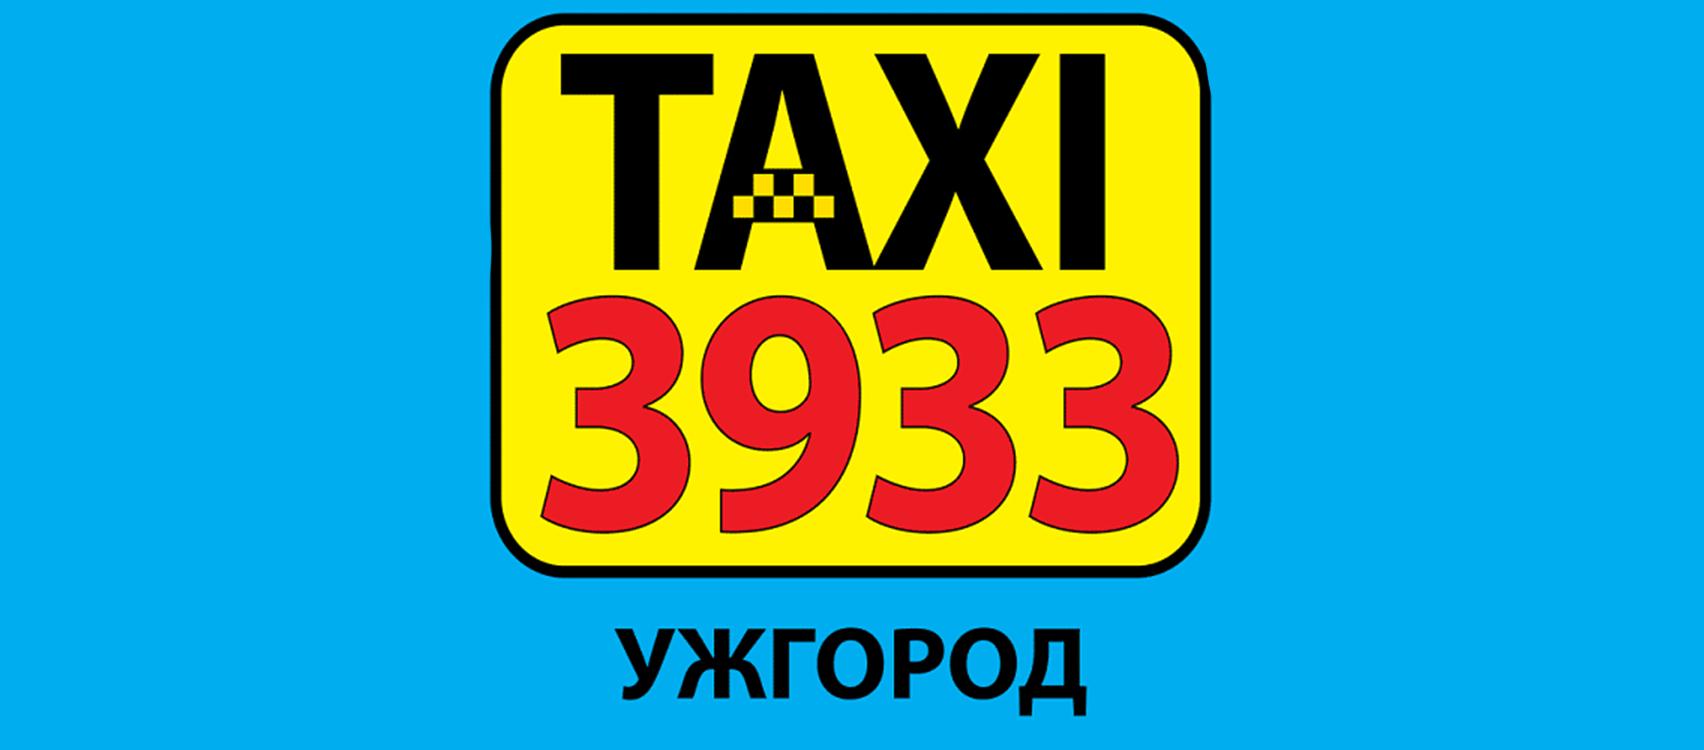 Таксі 3933 (Ужгород)